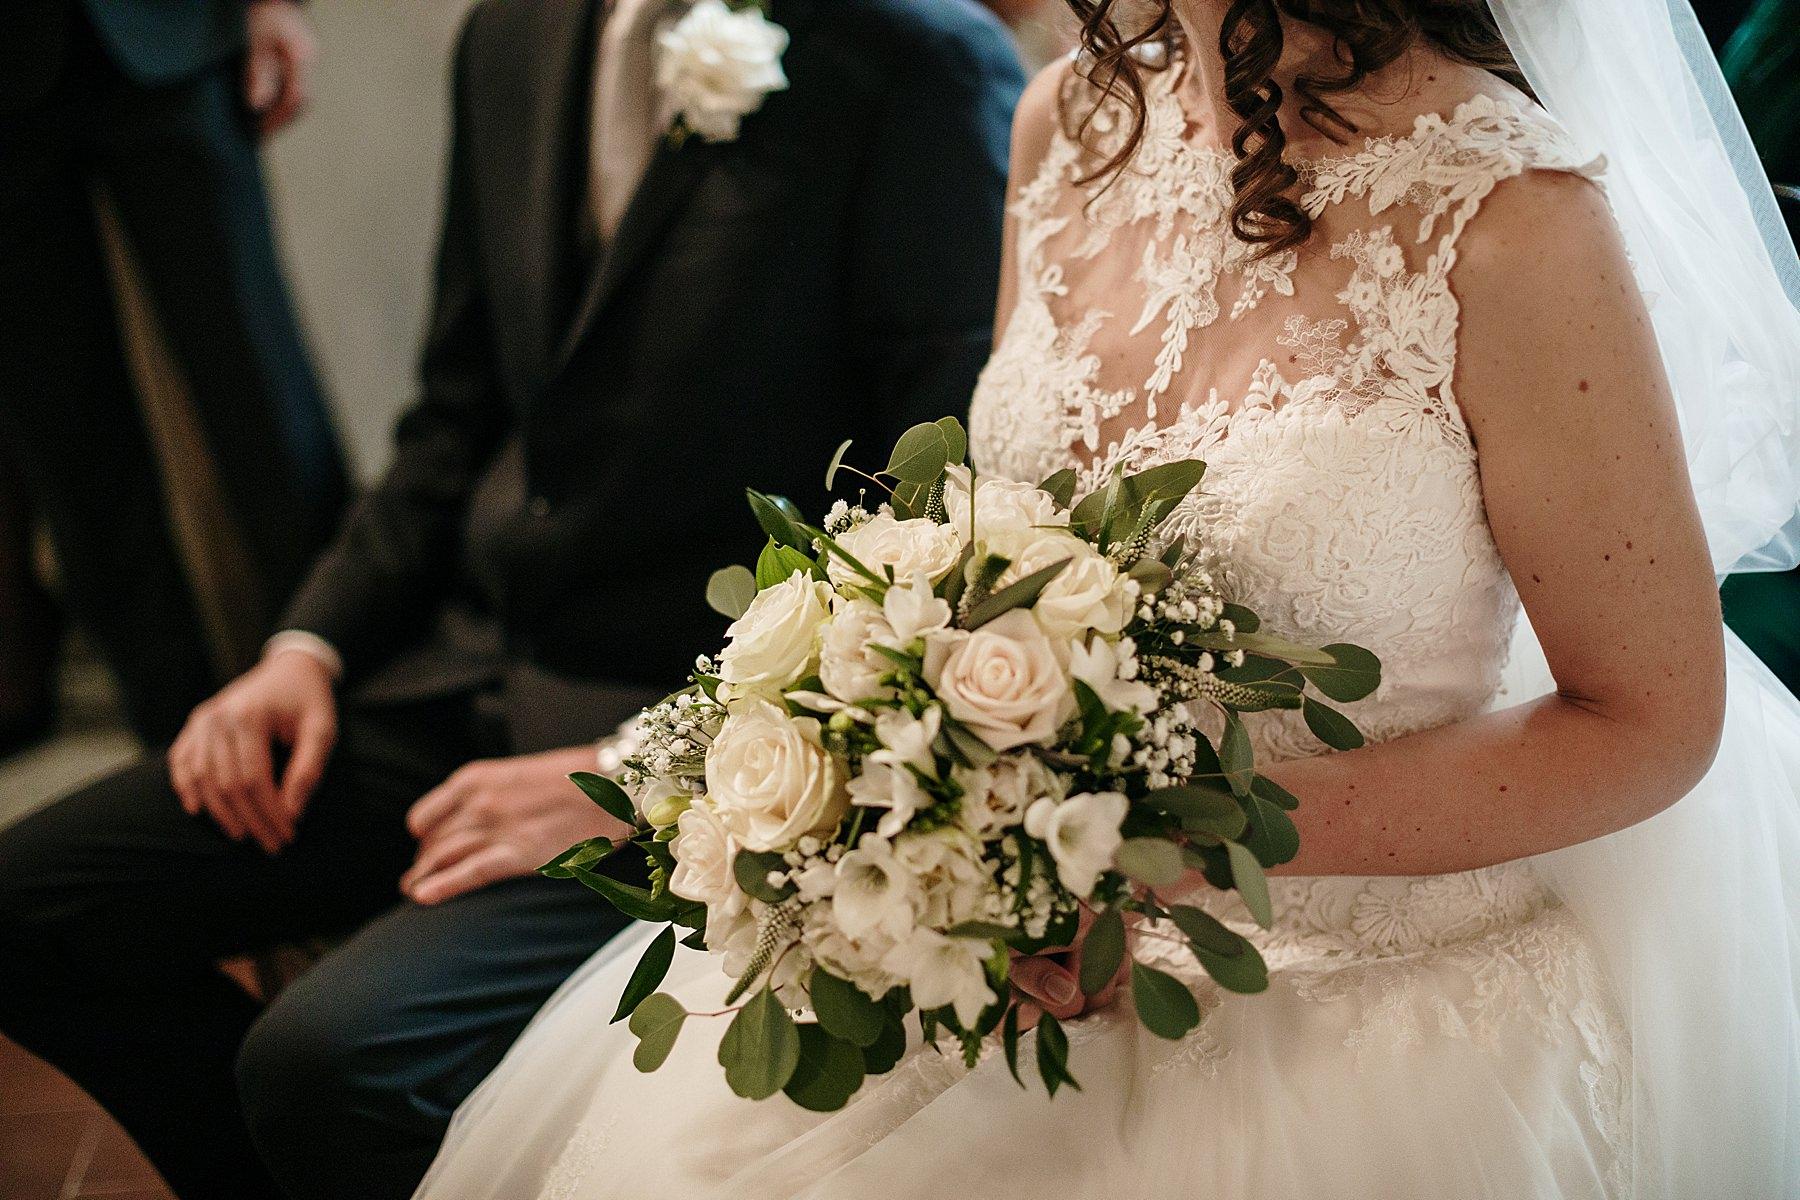 fotografia-di-matrimonio-a-firenze-in-inverno-742.JPG